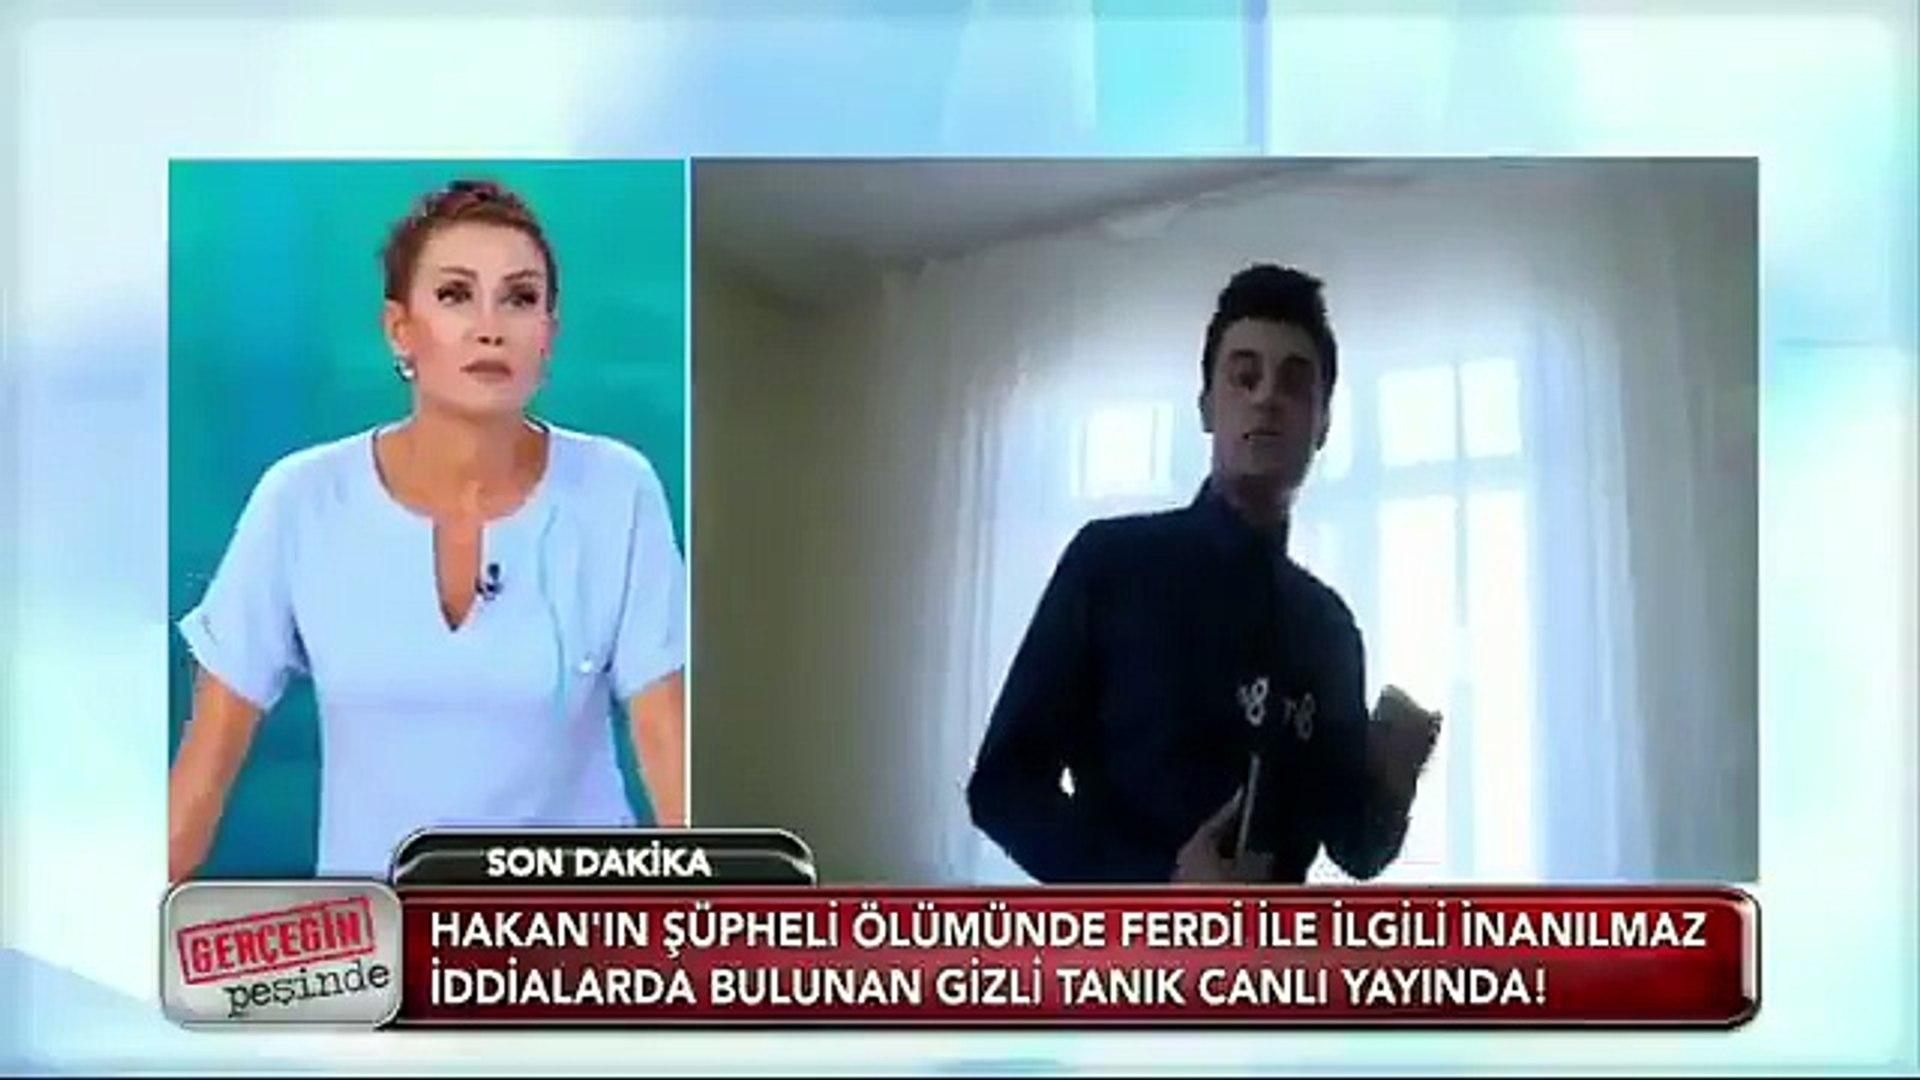 Muhabir canlı yayında gizli tanığı ifşa etti!